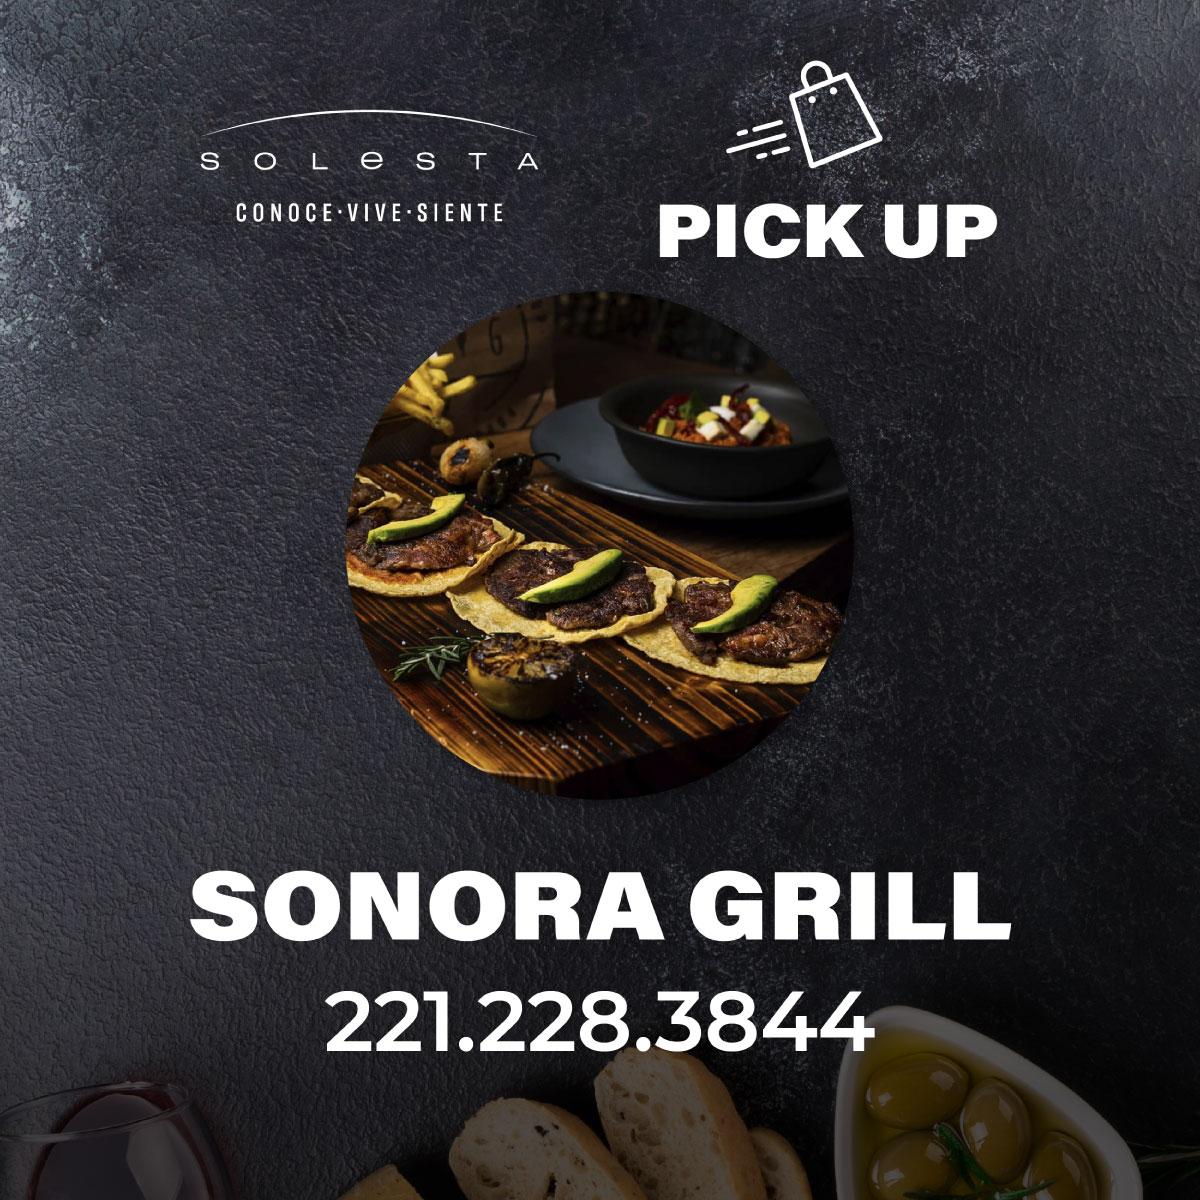 Pick Up De Sonora Grill